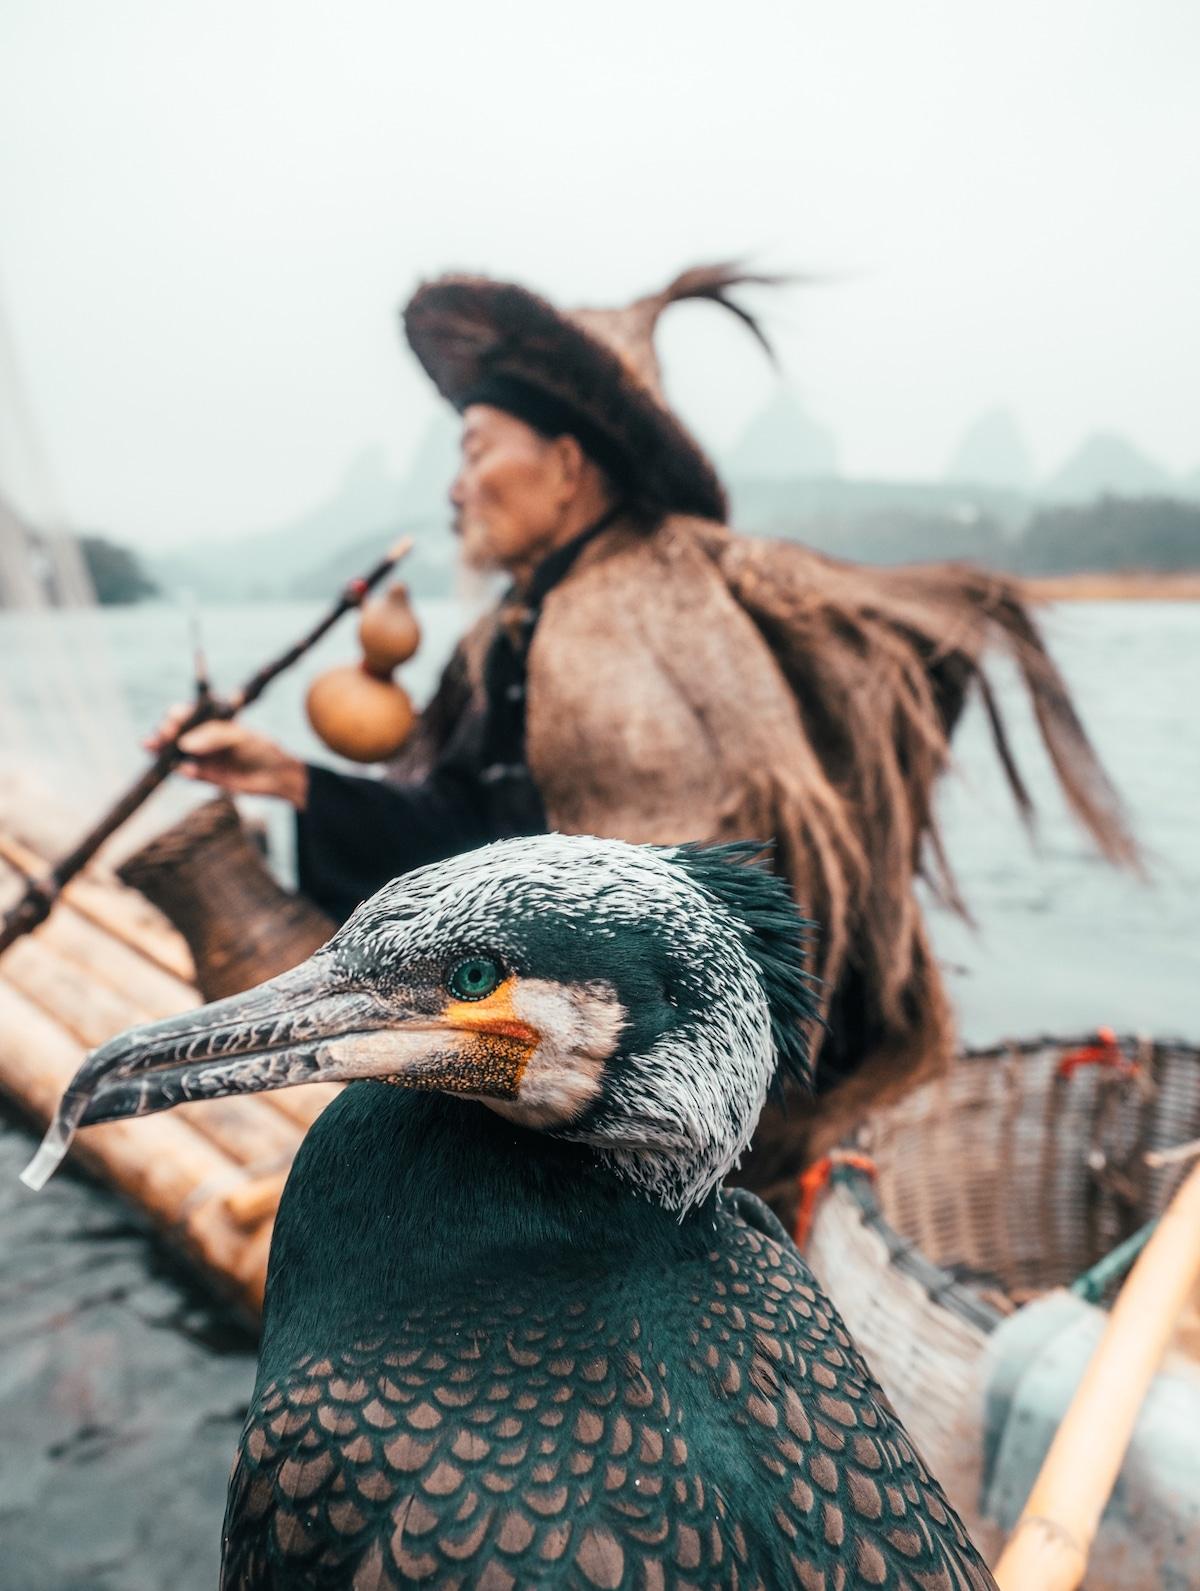 Nghề câu cá bằng chim cốc truyền thống của ngư dân Trung Quốc - Hình 5